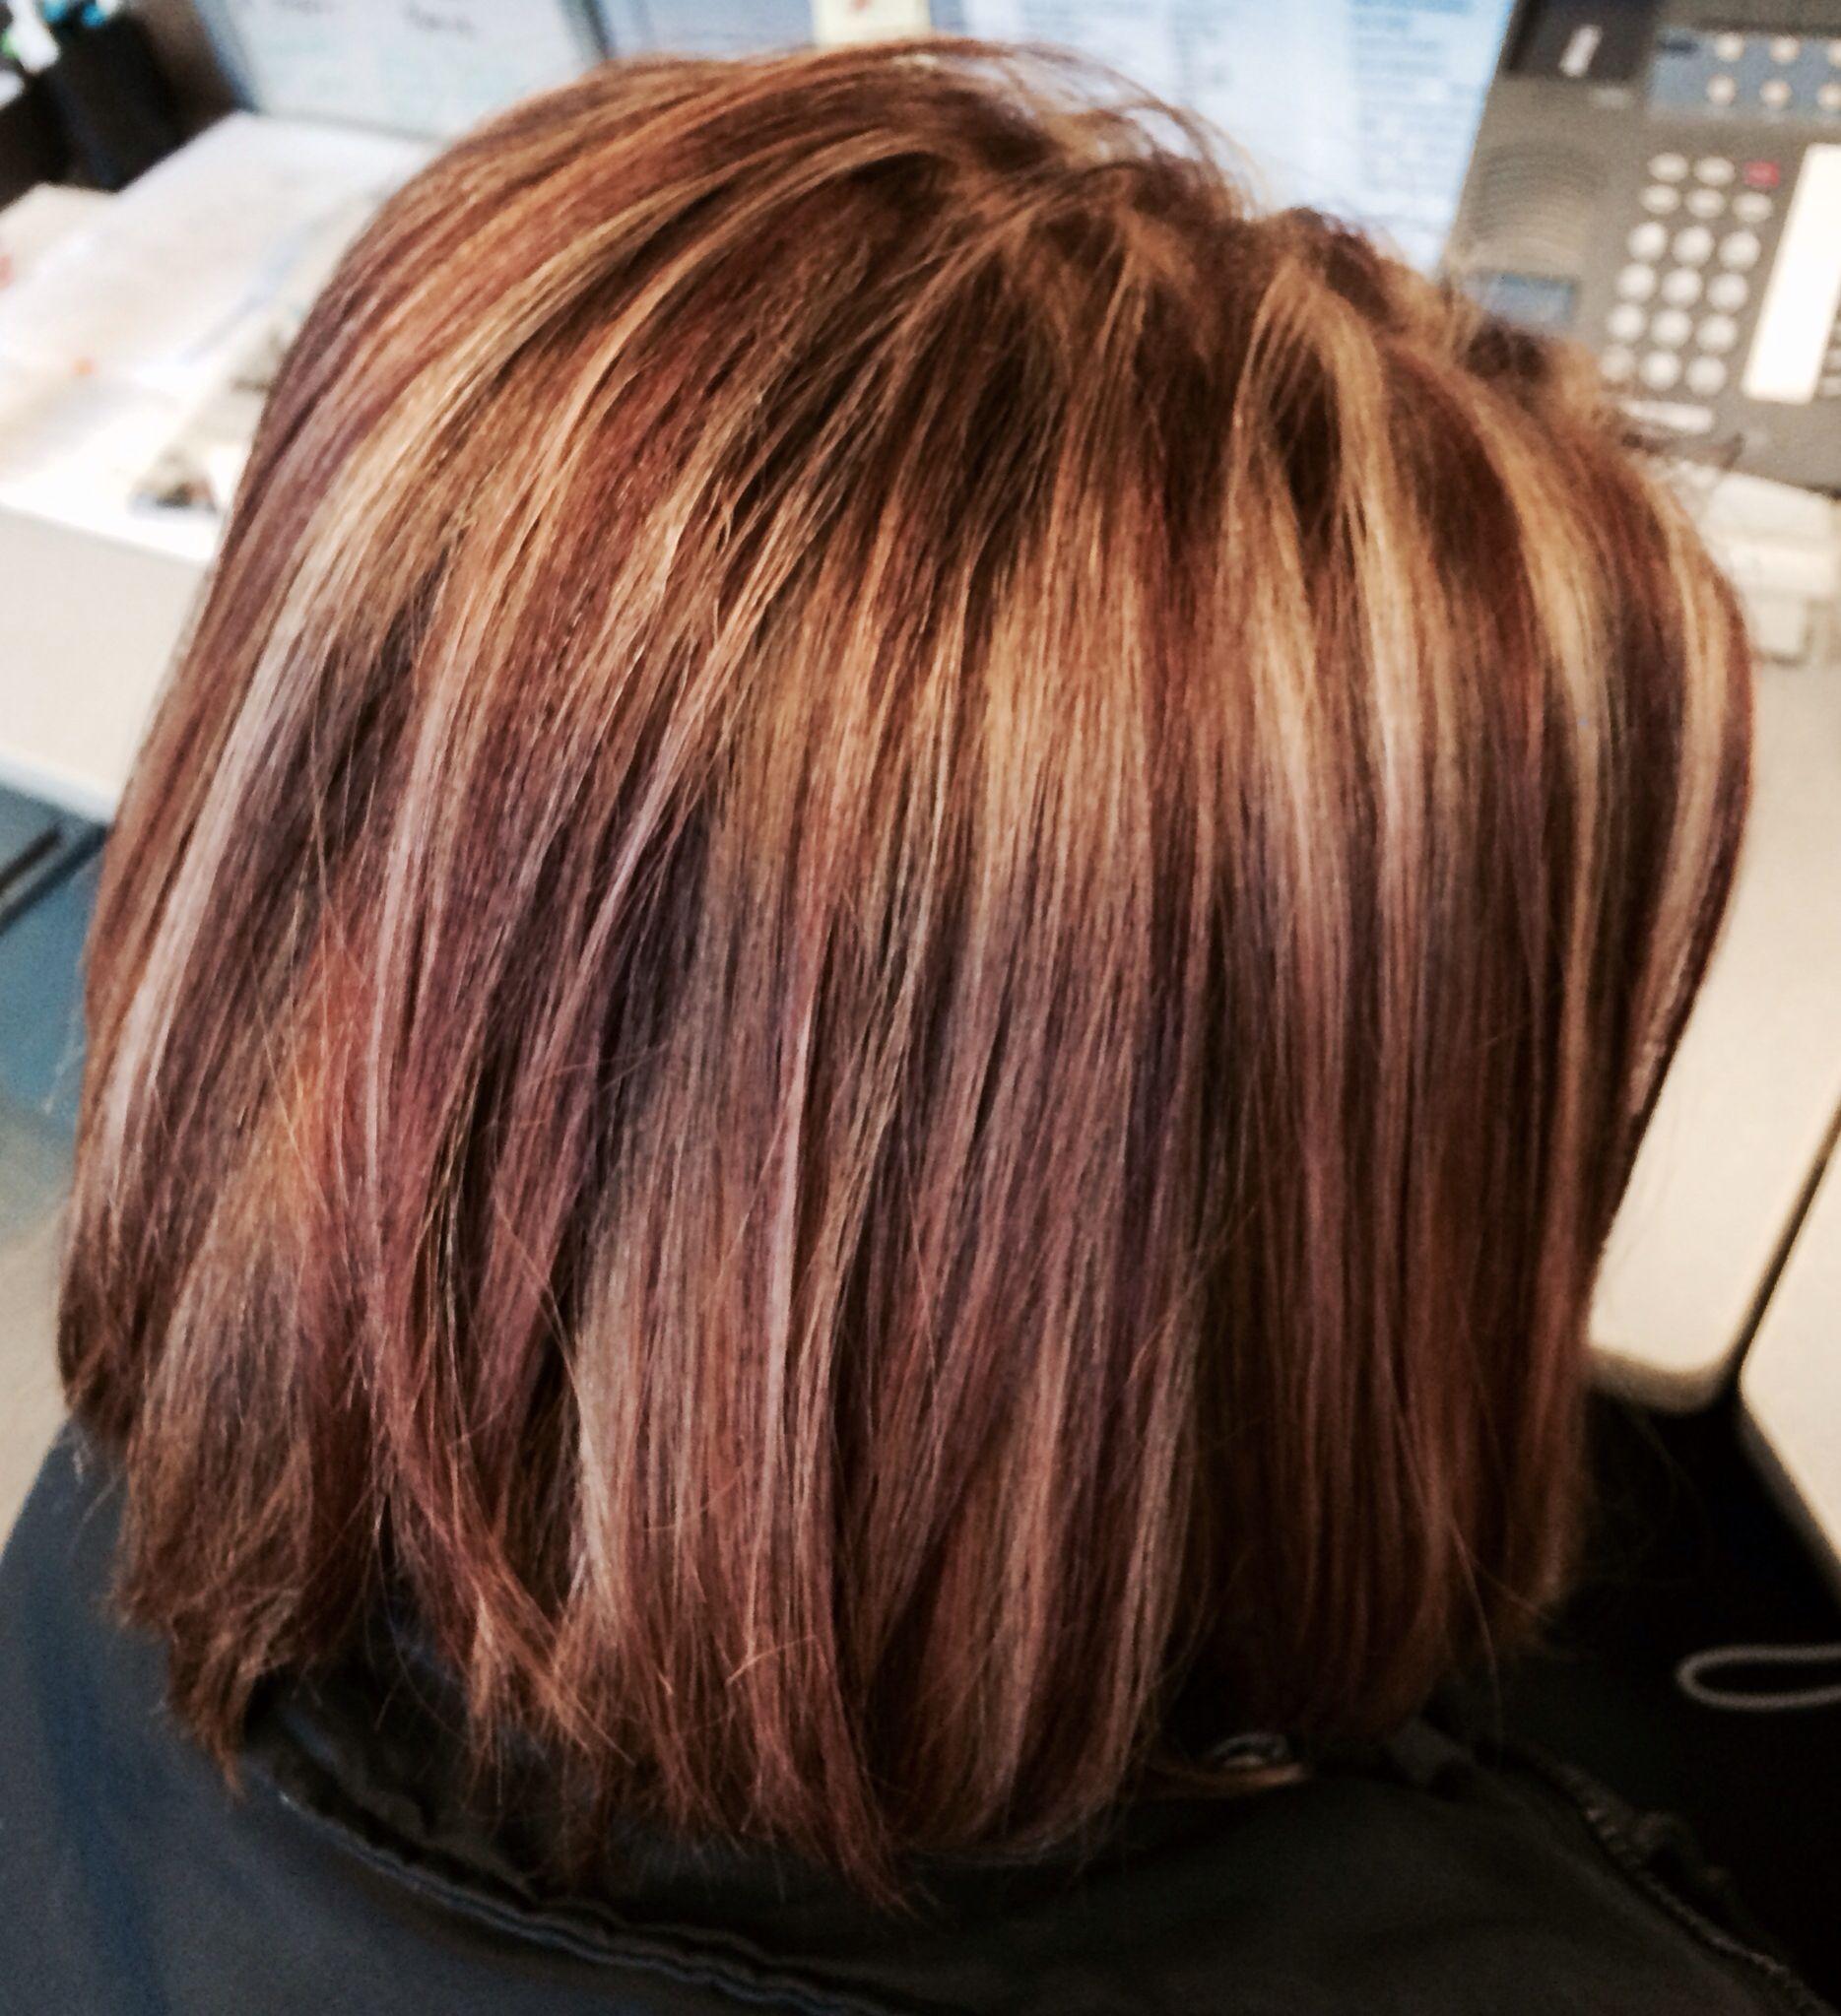 Caramel hair color with auburn highlights brown hair with